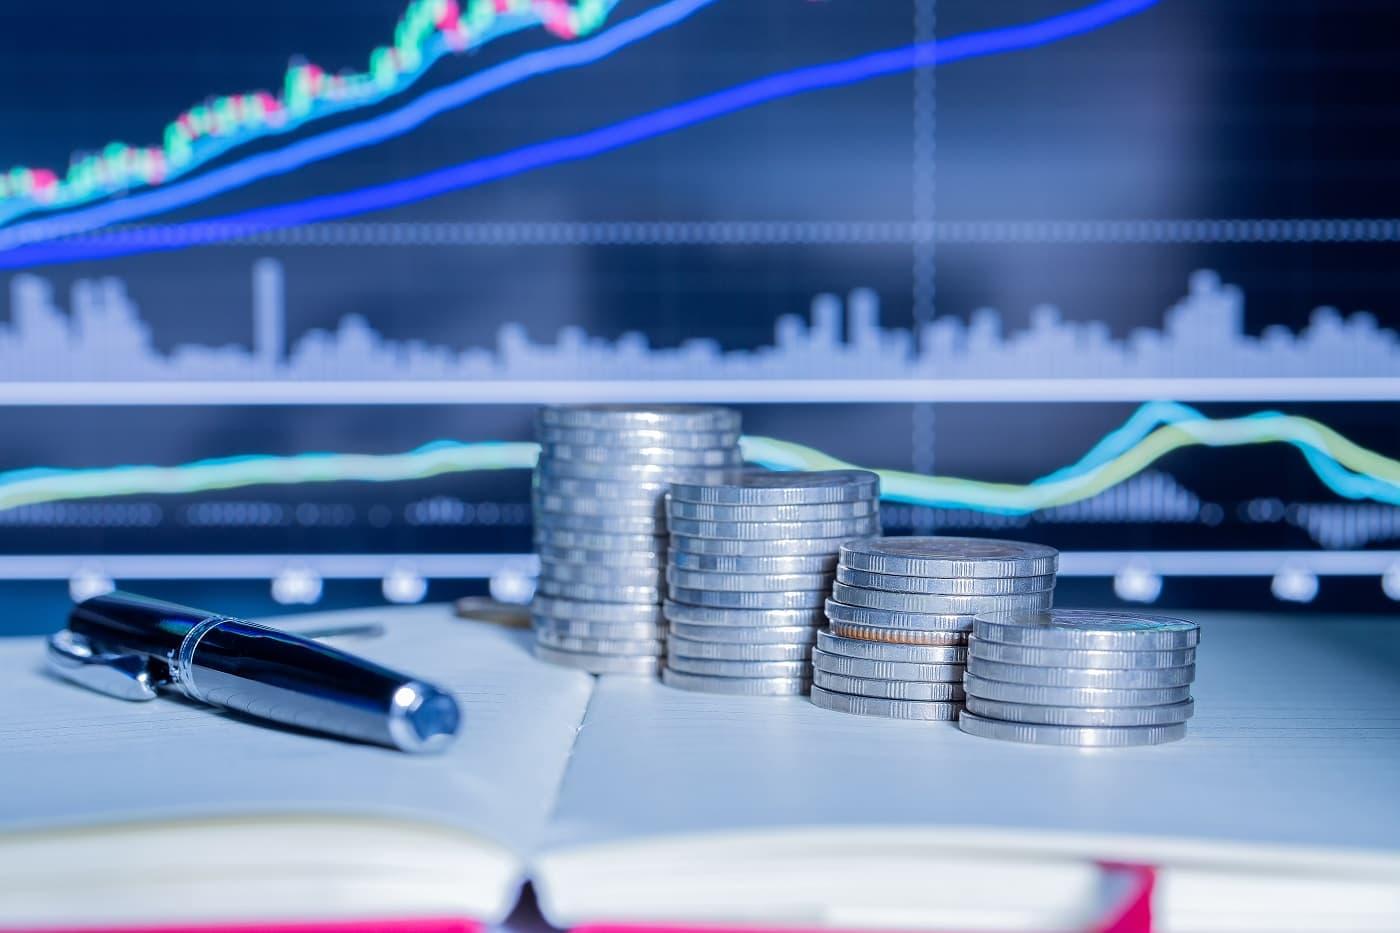 Imagen conceptual para protección datos entidades financieras